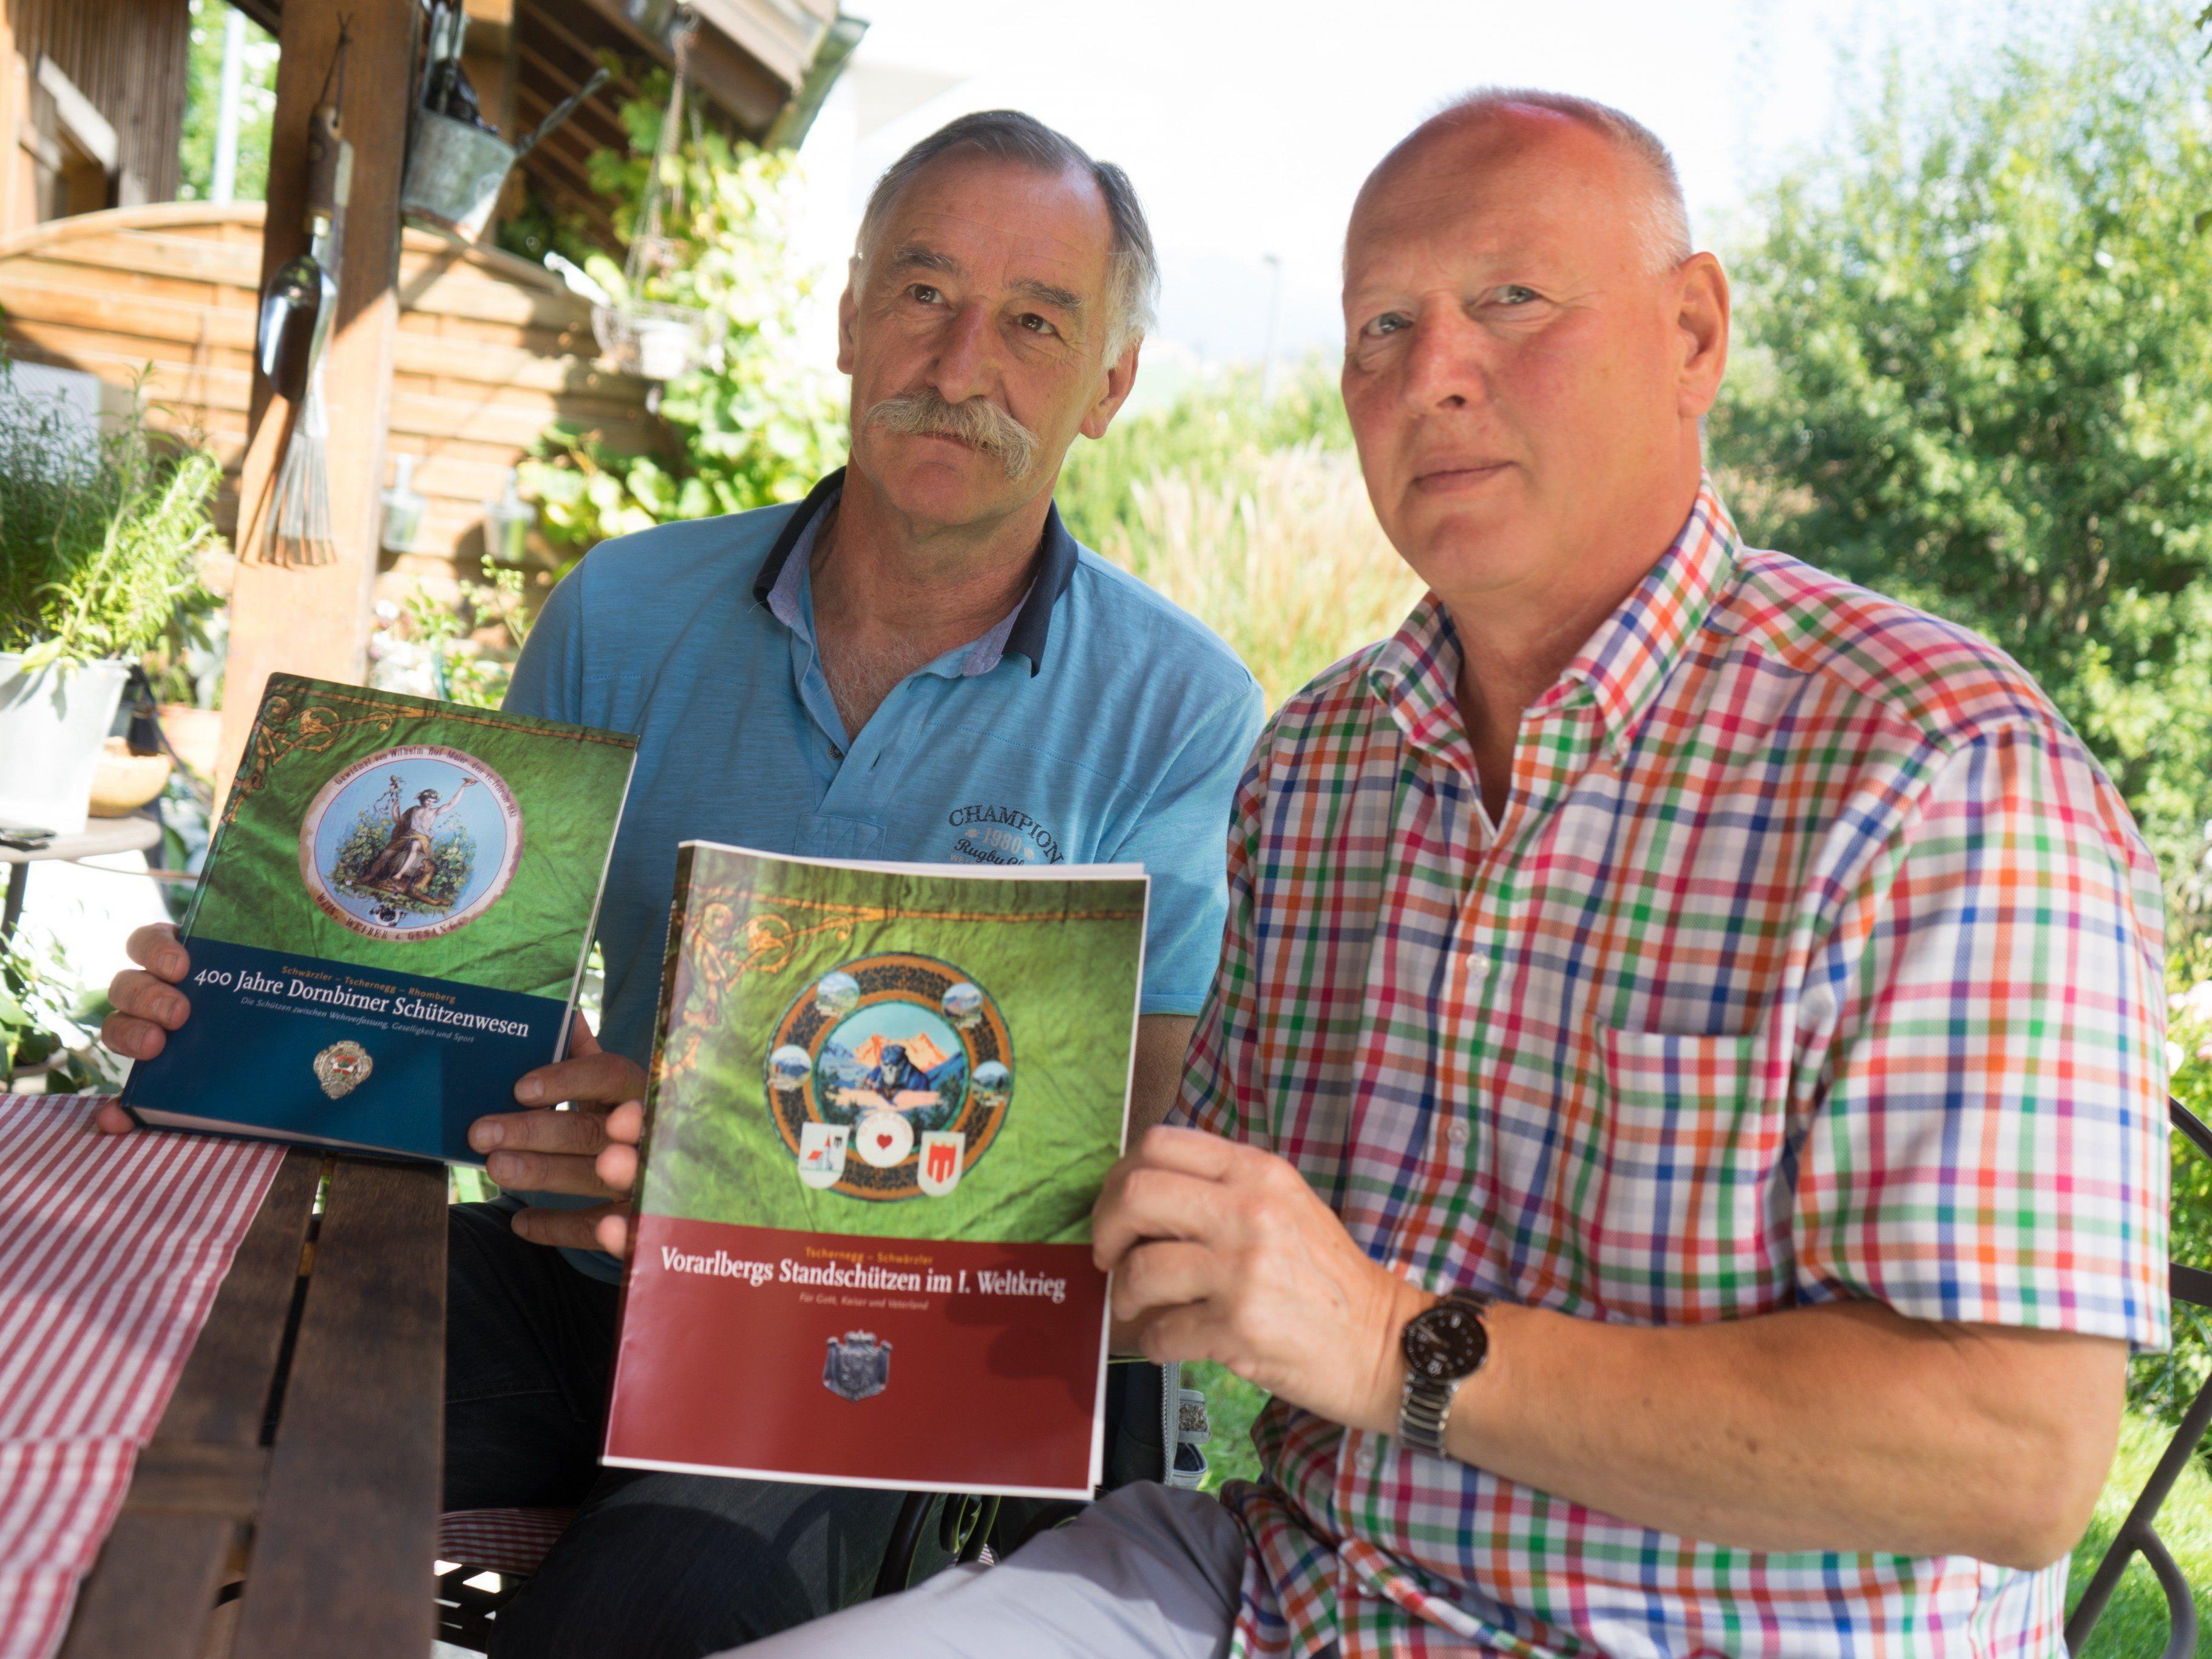 Die Autoren Sigi Schwärzler (l.) und Peter Tschernegg mit ihren Werken..